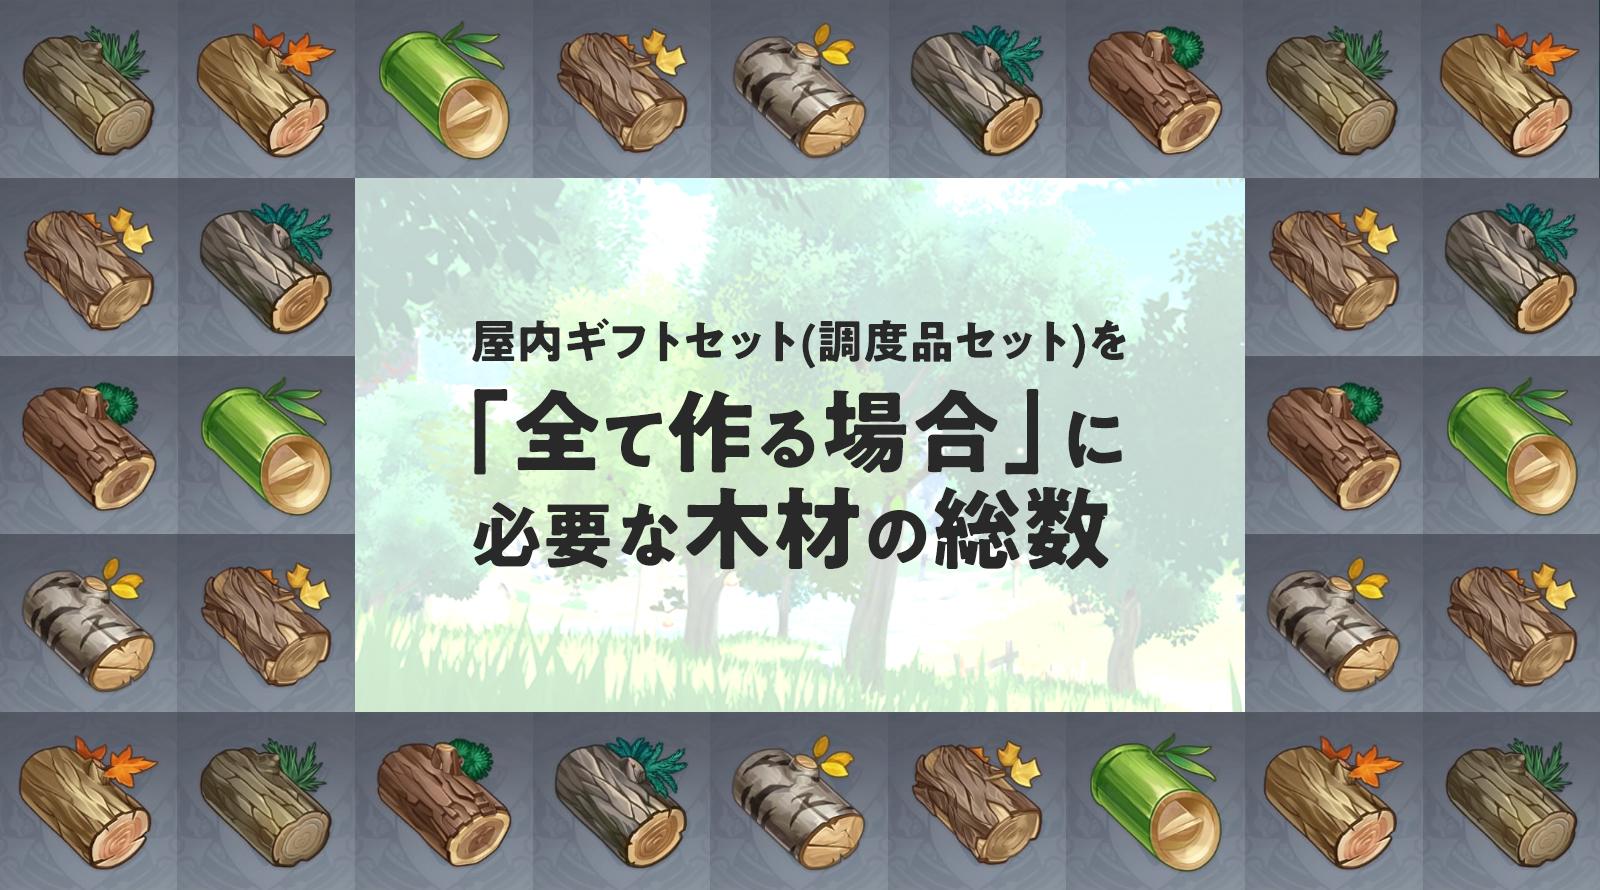 【原神】塵歌壺(じんかつぼ)屋内ギフトセット(調度品セット)を「全て作る場合」に必要な木材の総数